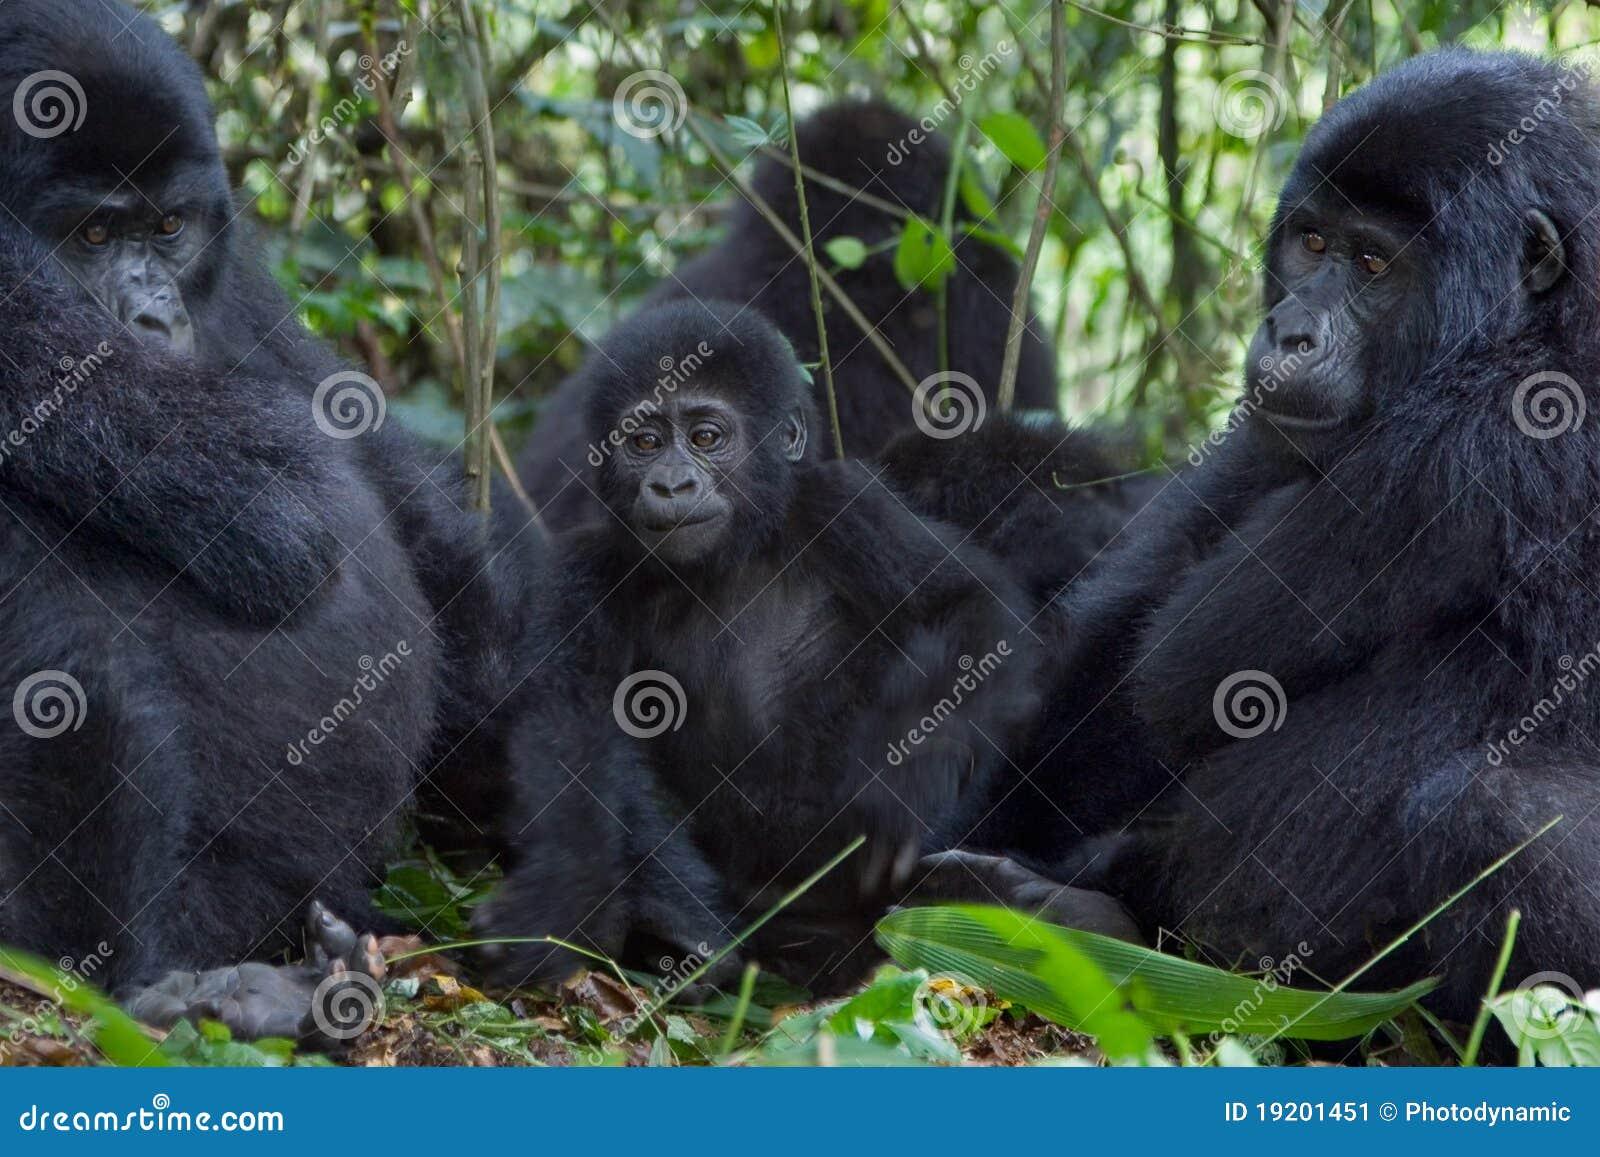 Drei Gorillas